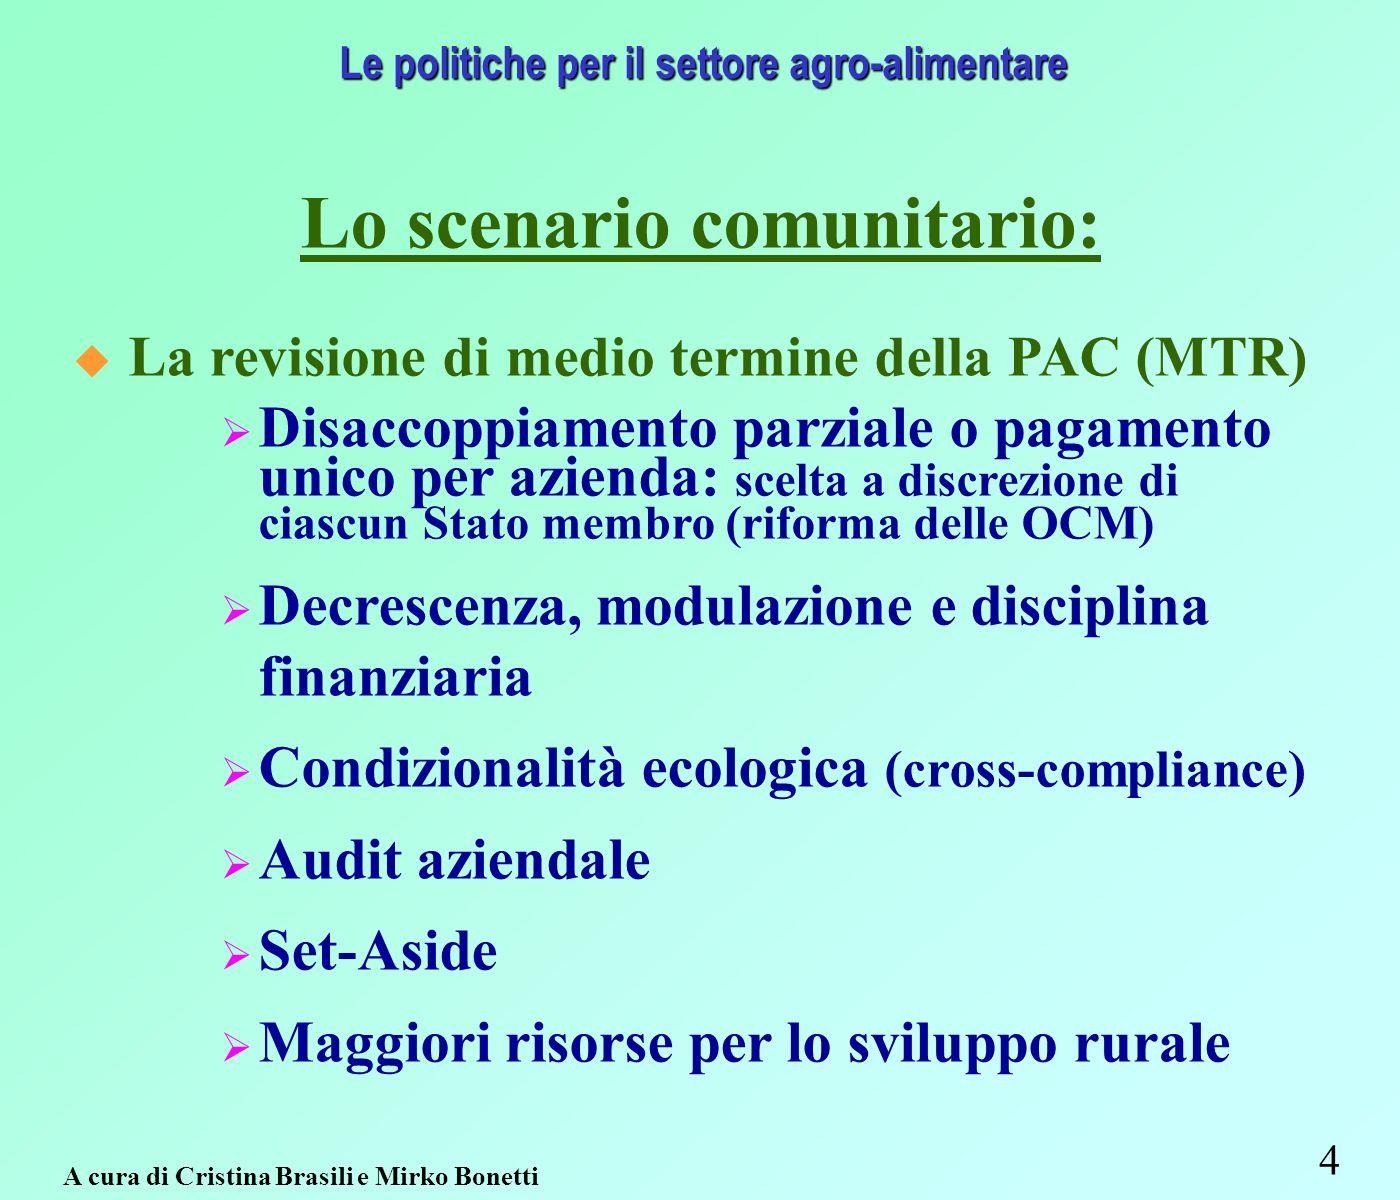 65 Interventi strutturali e di mercato Fonte: Regione Emilia-Romagna – Assessorato Agricoltura, Ambiente e Sviluppo sostenibile.